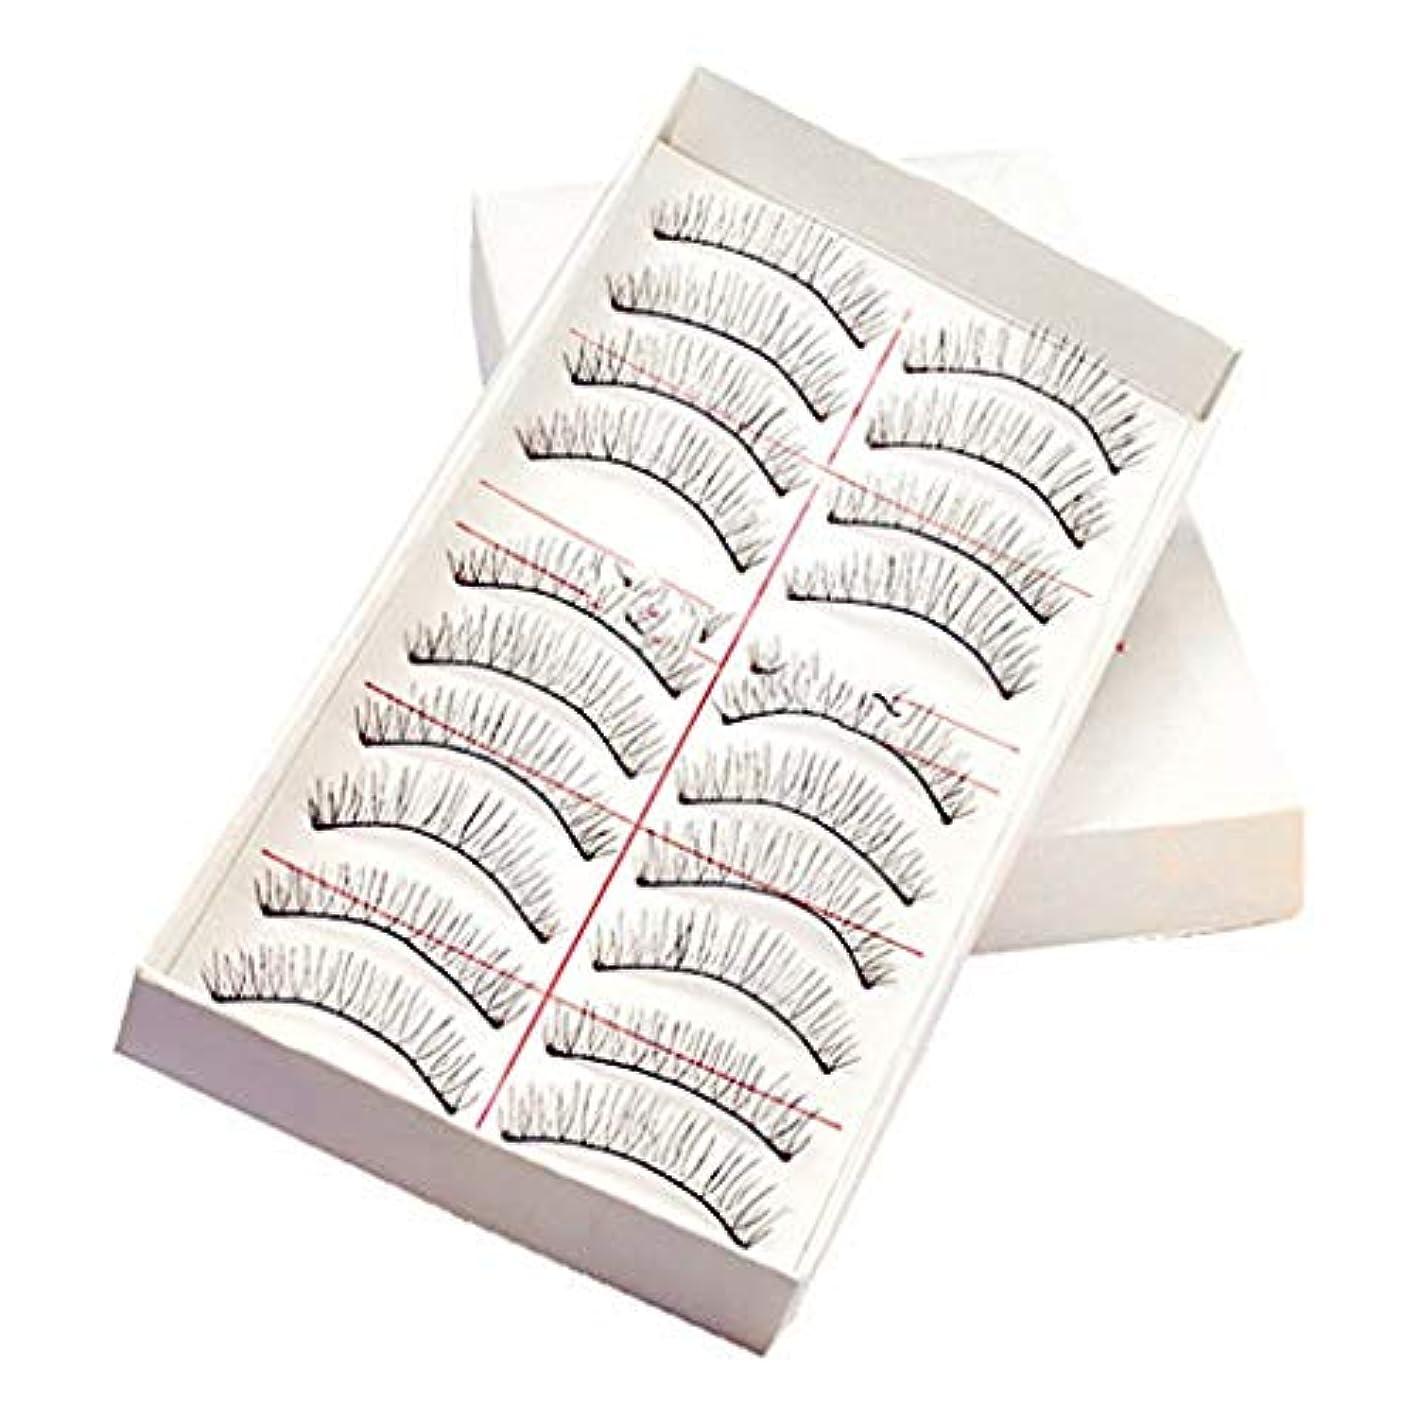 カトリック教徒センチメートルFeteso 10ペアセット つけまつげ 上まつげ Eyelashes アイラッシュ ビューティー まつげエクステ レディース 化粧ツール アイメイクアップ 人気 ナチュラル 飾り ふんわり 装着簡単 綺麗 変身